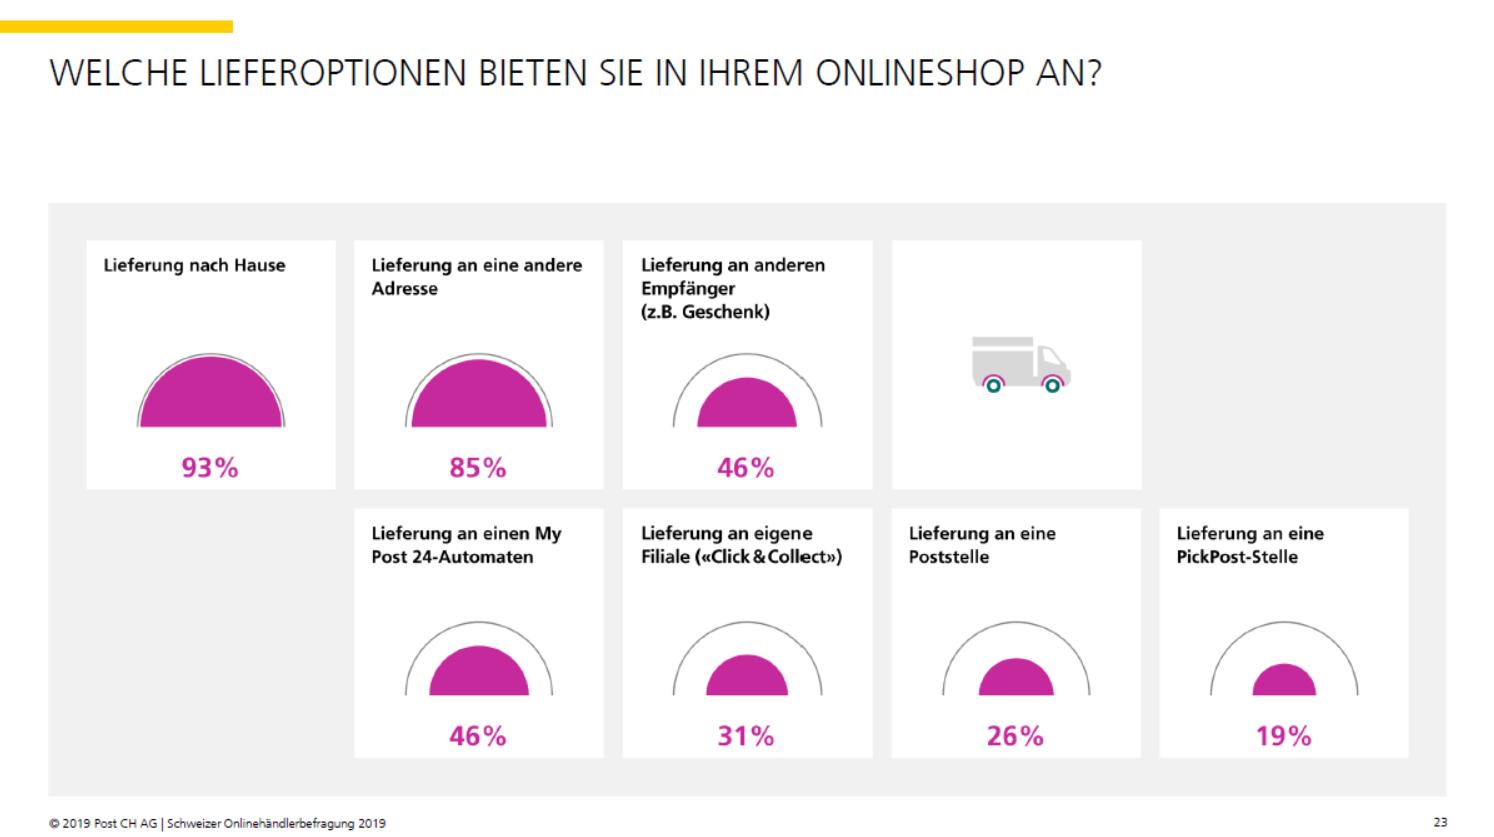 Lieferoptionen der Schweizer Onlinehändler - Quelle: Onlinehändlerbefragung 2019